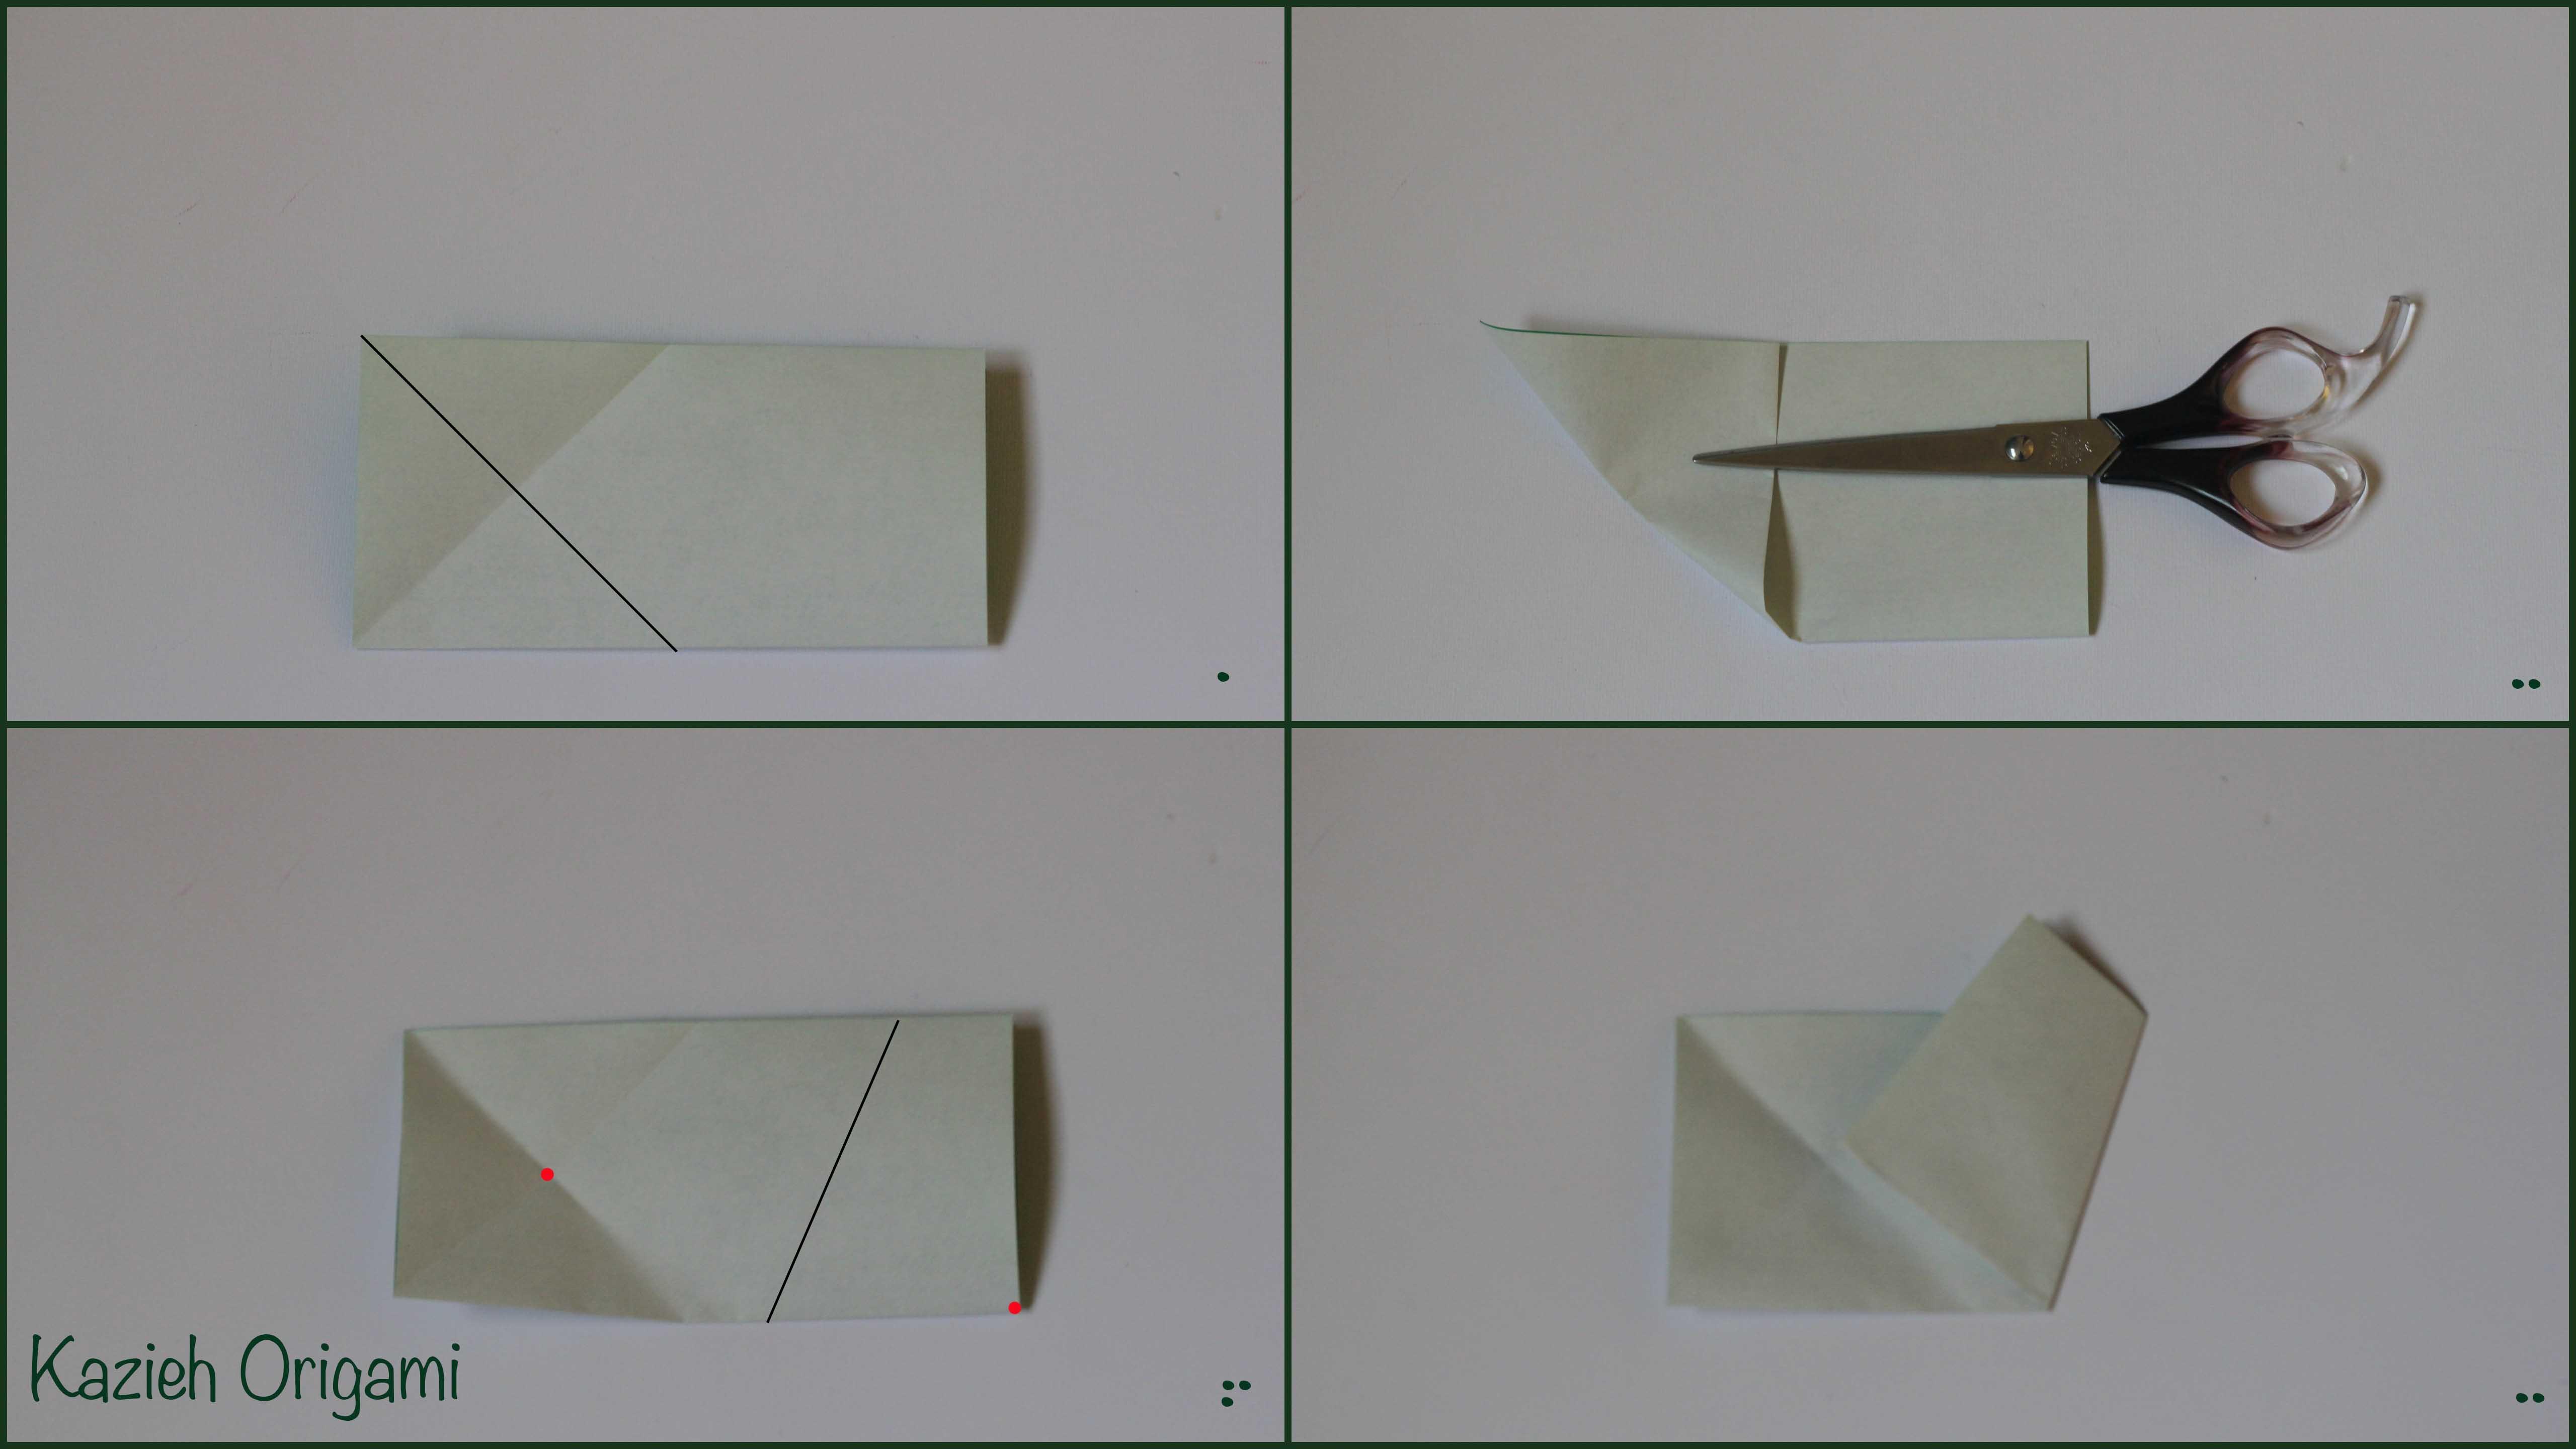 آموزش پنج ضلعی -مرحله دوم - کازیه